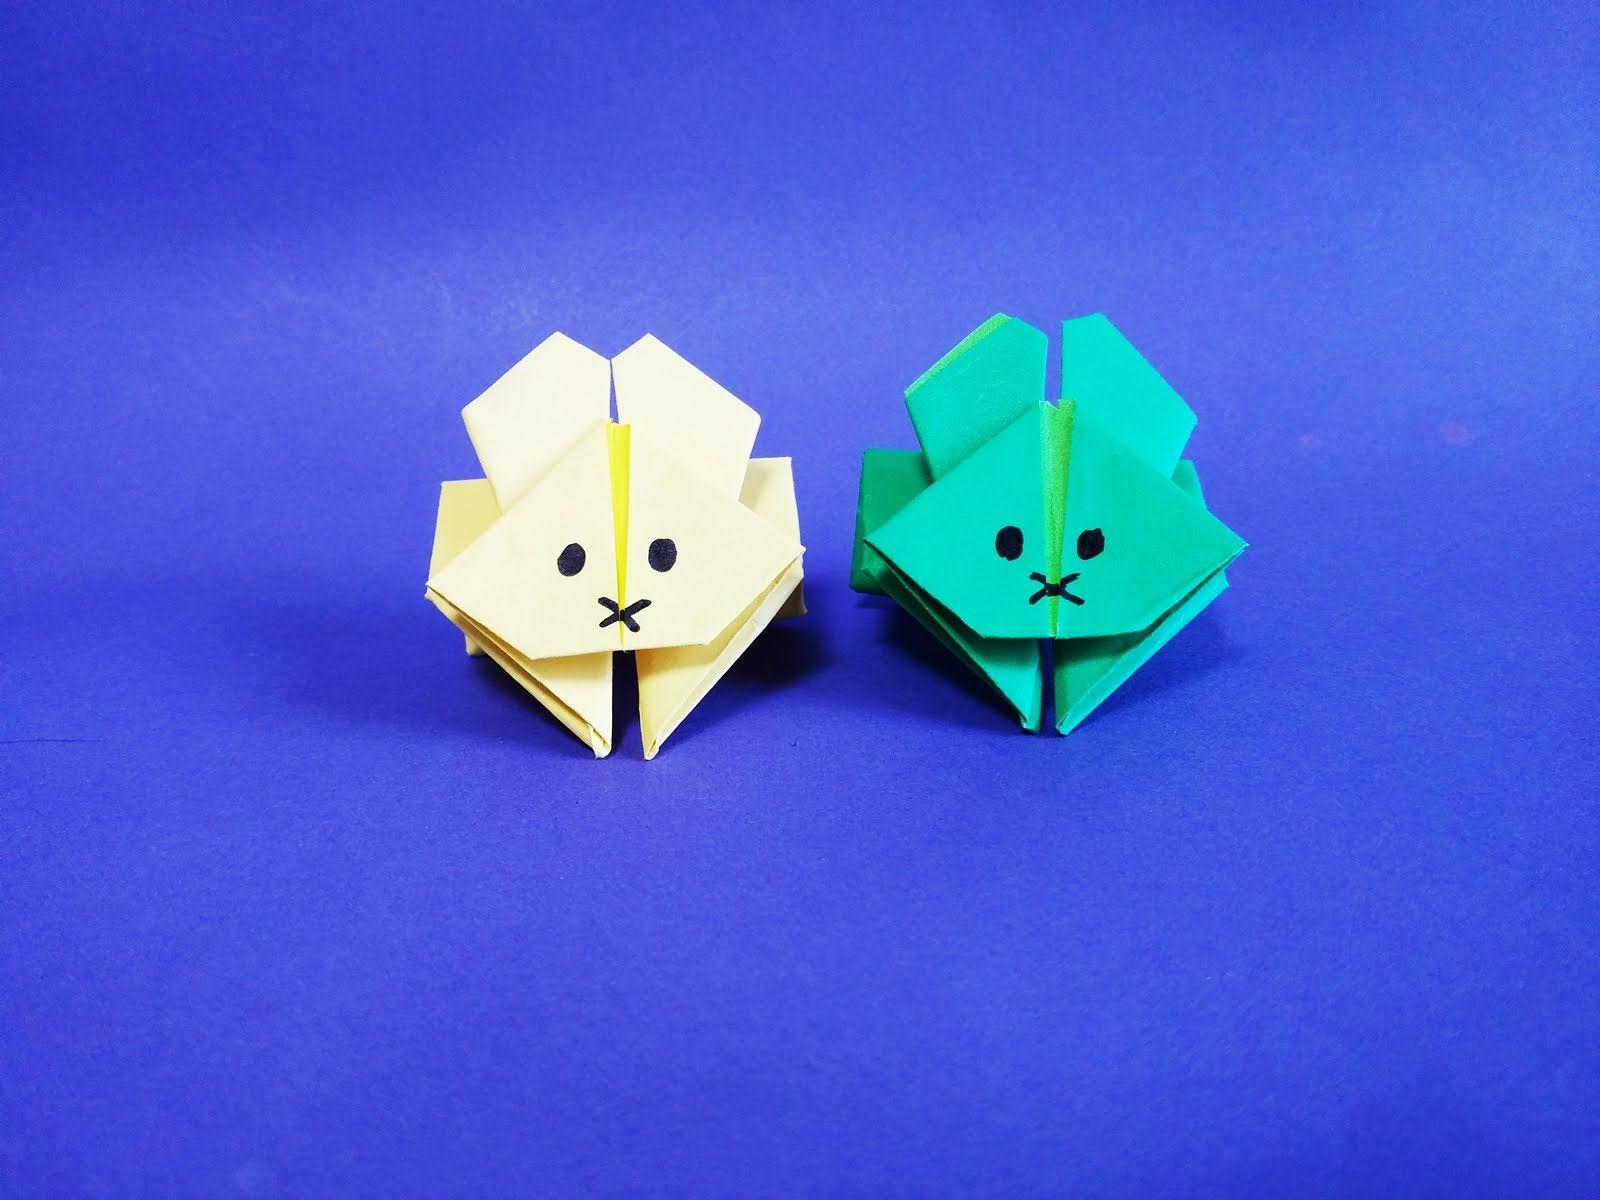 점프 토끼 종이접기 How to Make Paper Origami Jumping Rabbit ... - photo#39